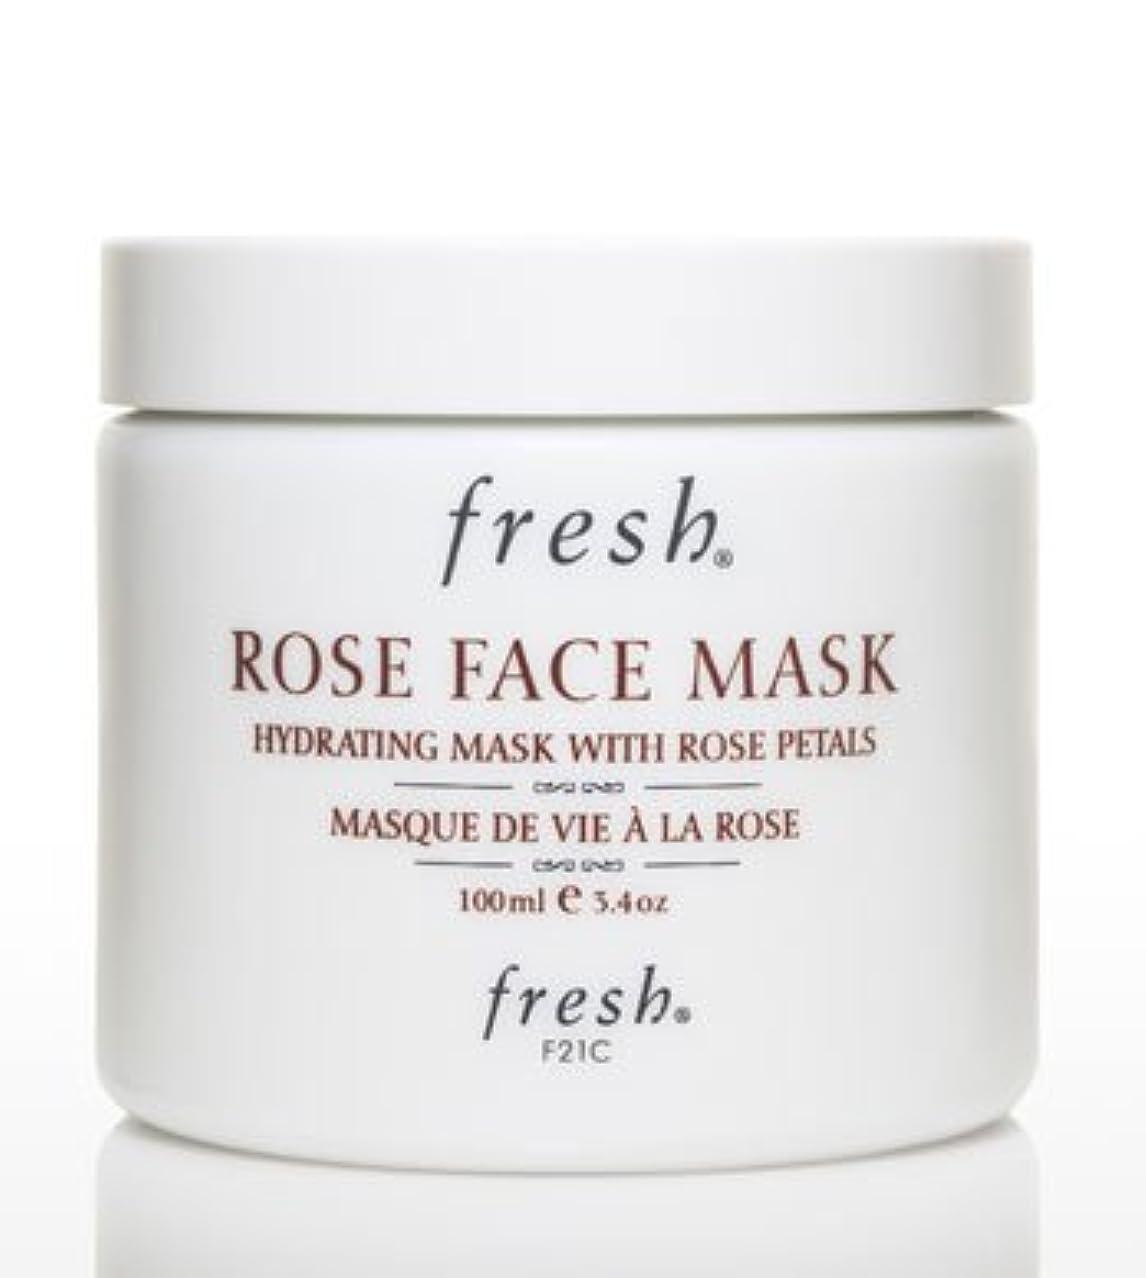 ハンマー素人ビザFresh ROSE FACE MASK (フレッシュ ローズフェイスマスク) 3.4 oz (100g) by Fresh for Women